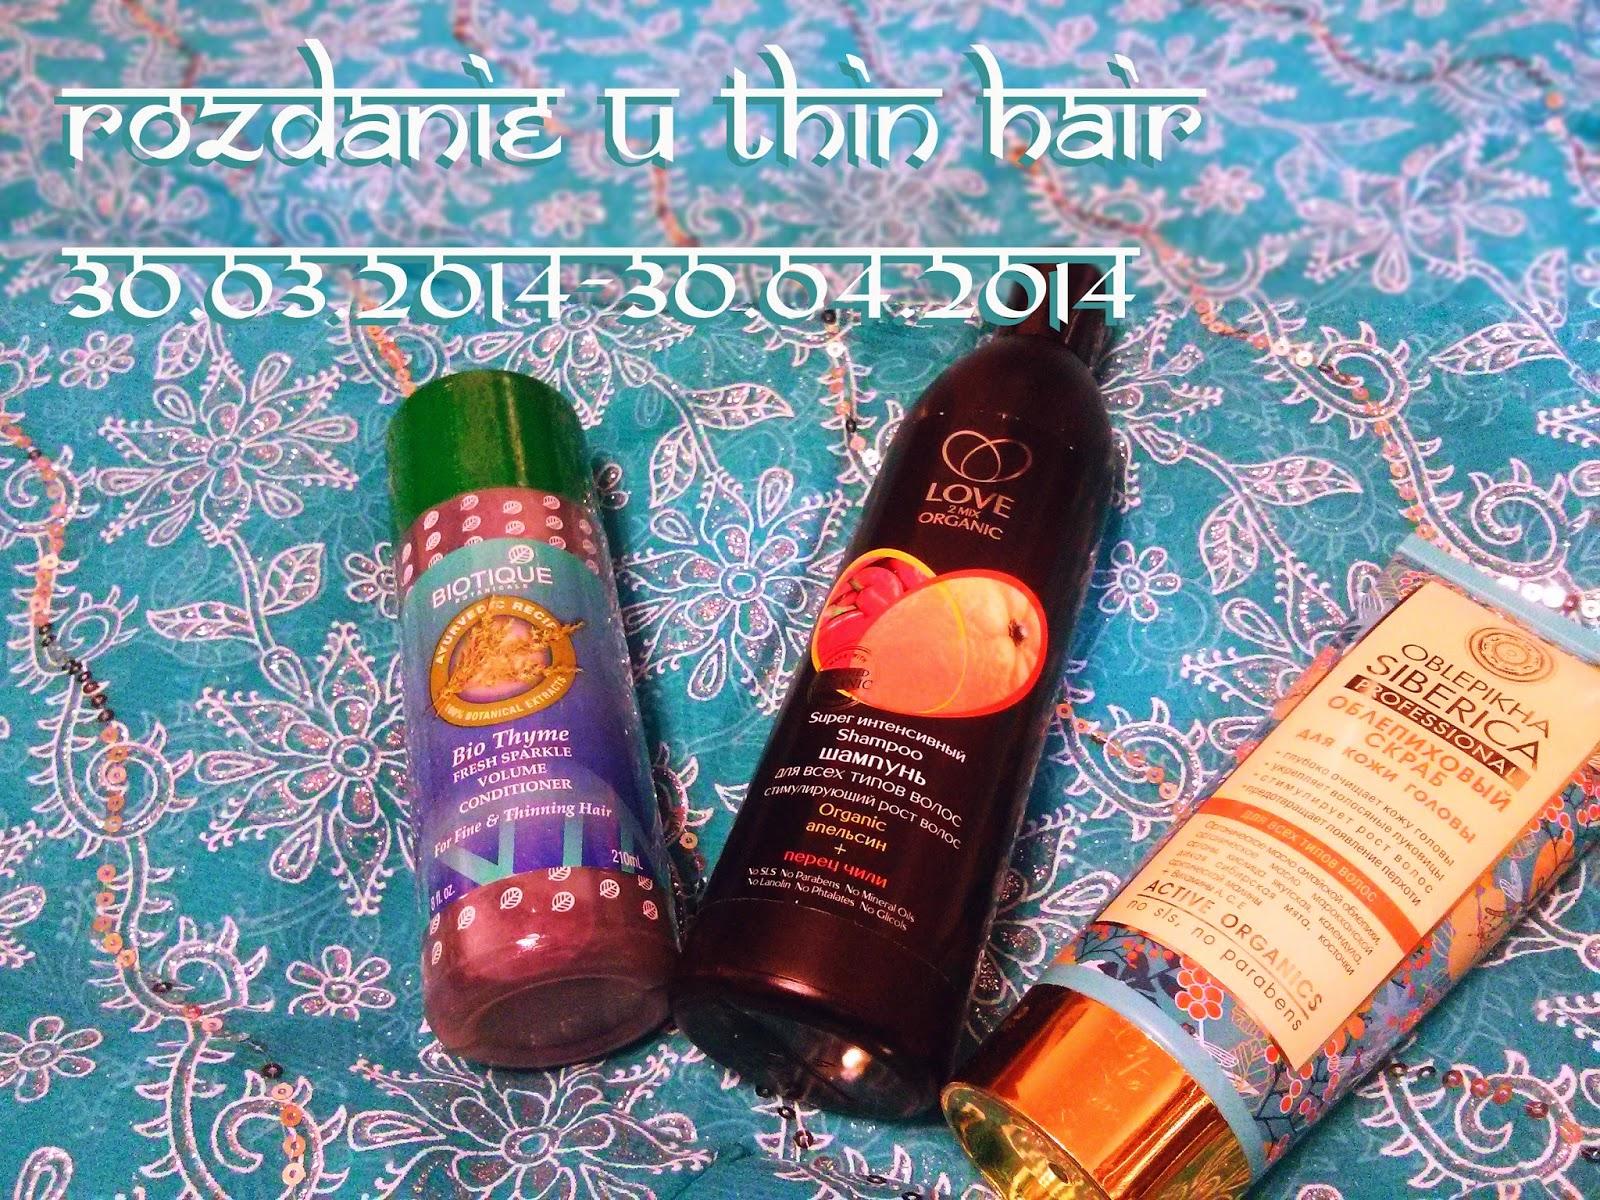 http://thin-hair.blogspot.com/2014/03/pierwsze-urodziny-bloga-rozdanie.html